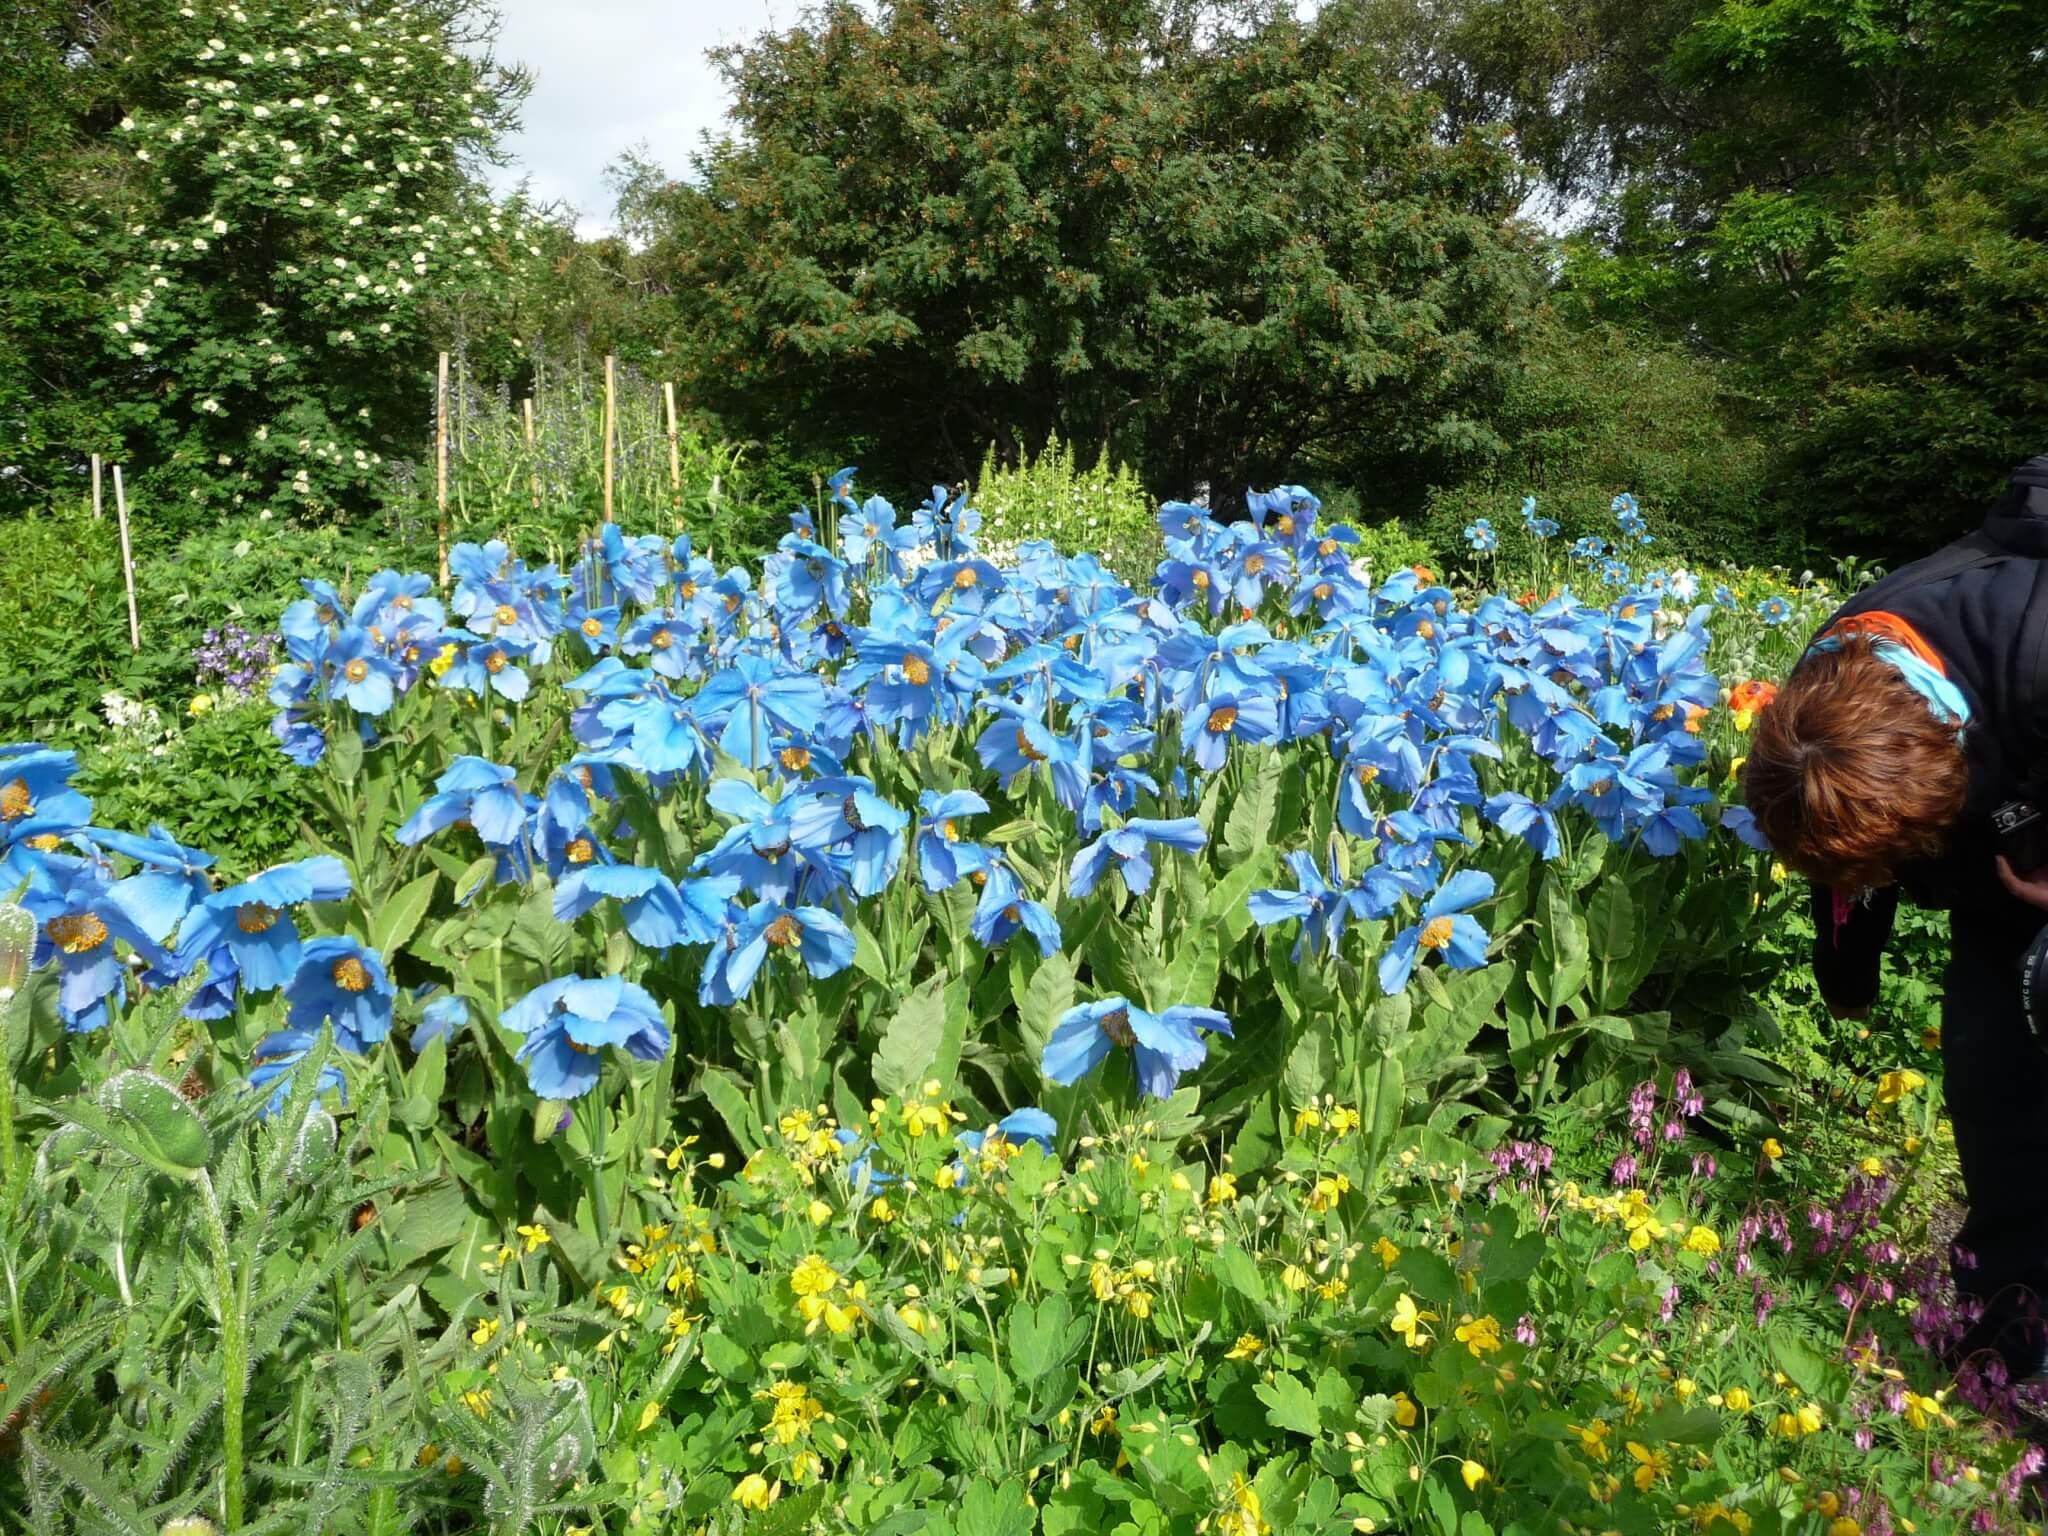 Blaue Mohnblumen sind ein besonderes Highlight im Garten